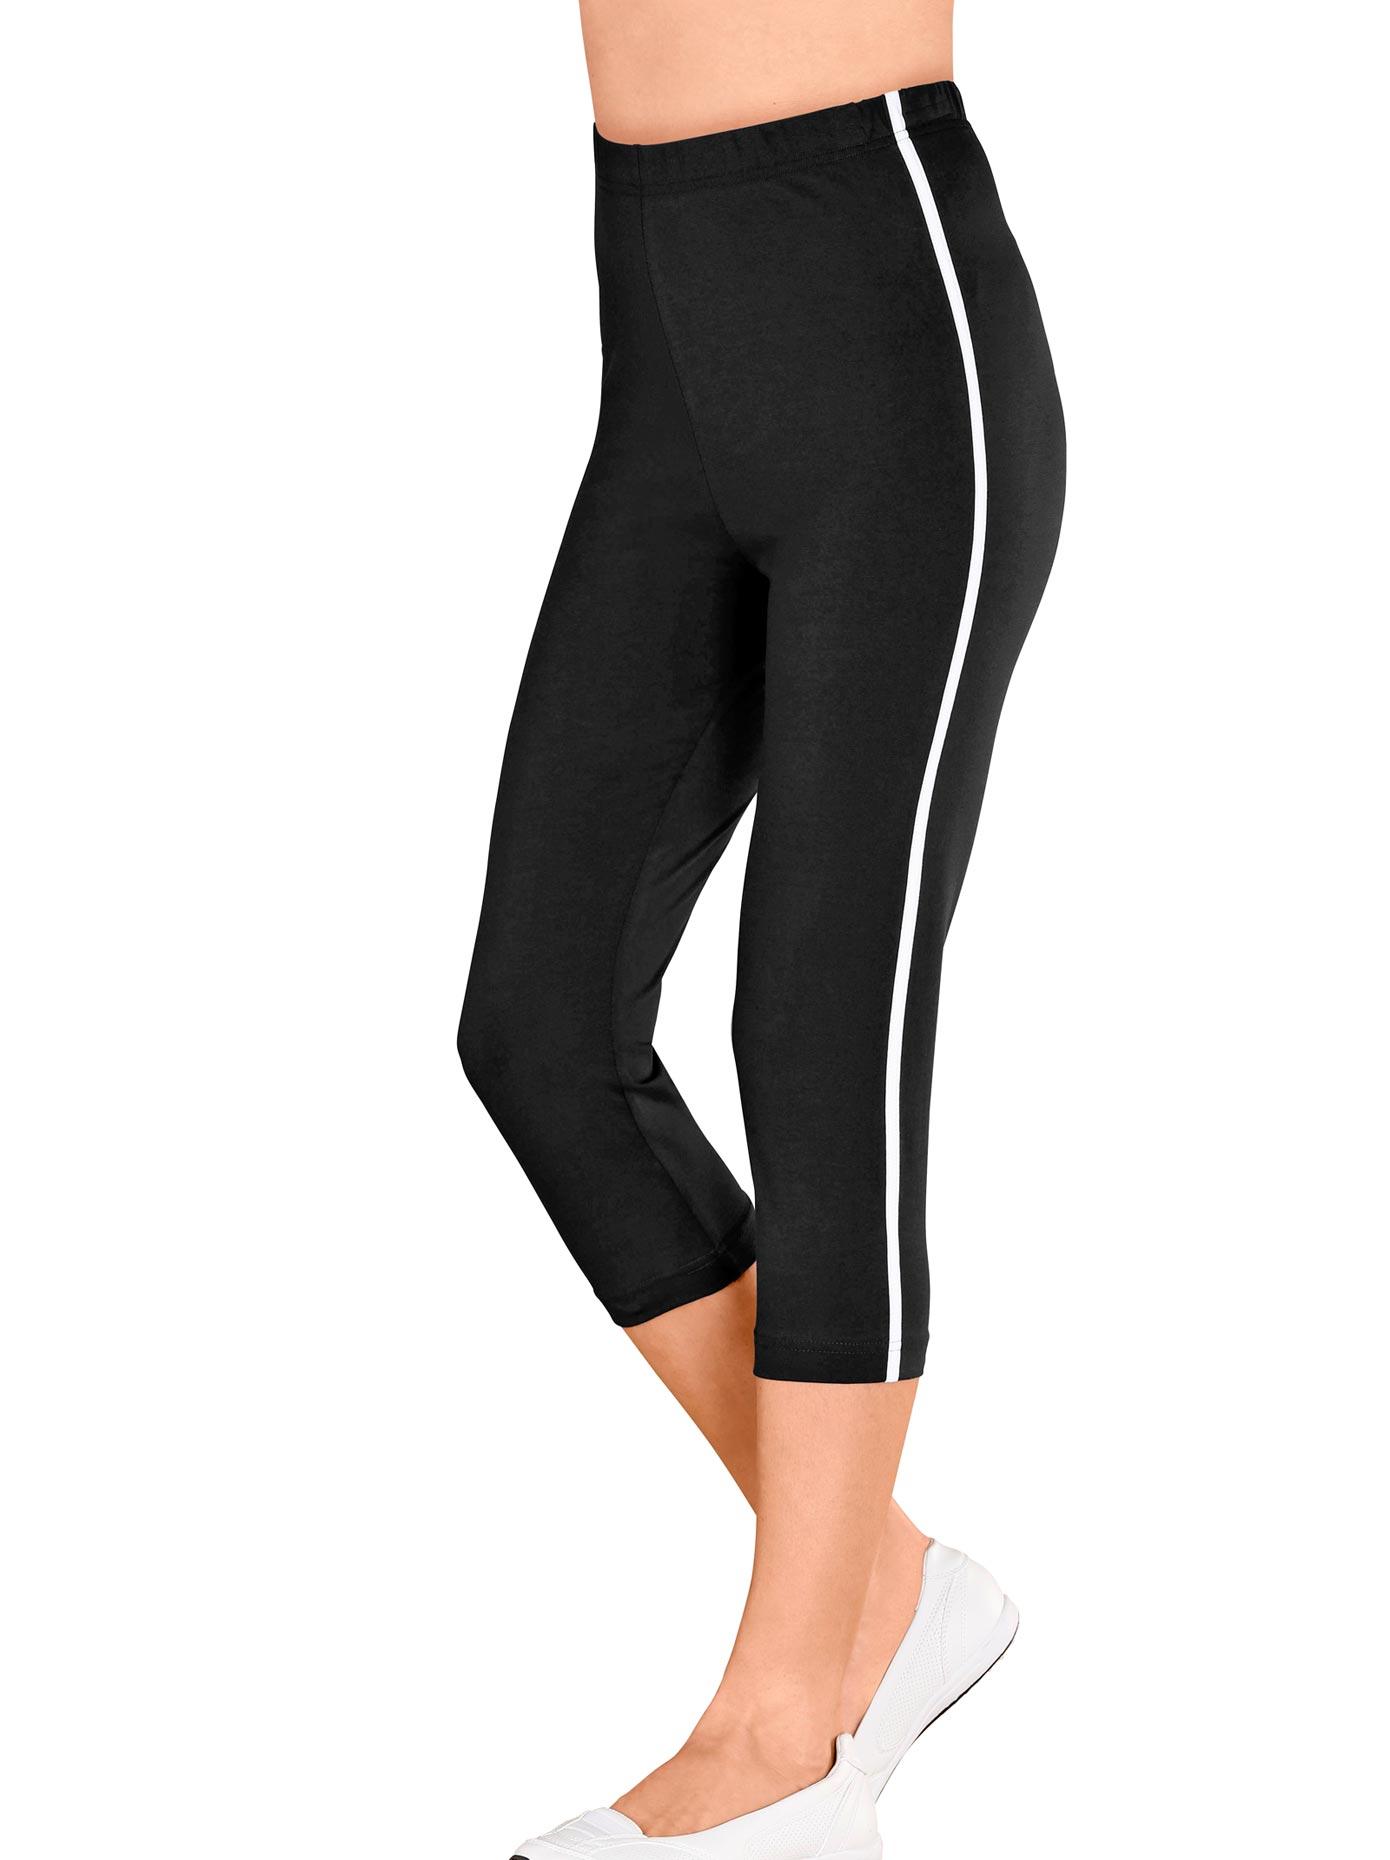 Classic Basics Capri-Leggings mit kontrastfarbenen Paspeln | Bekleidung > Hosen > Leggings | Schwarz | Classic Basics